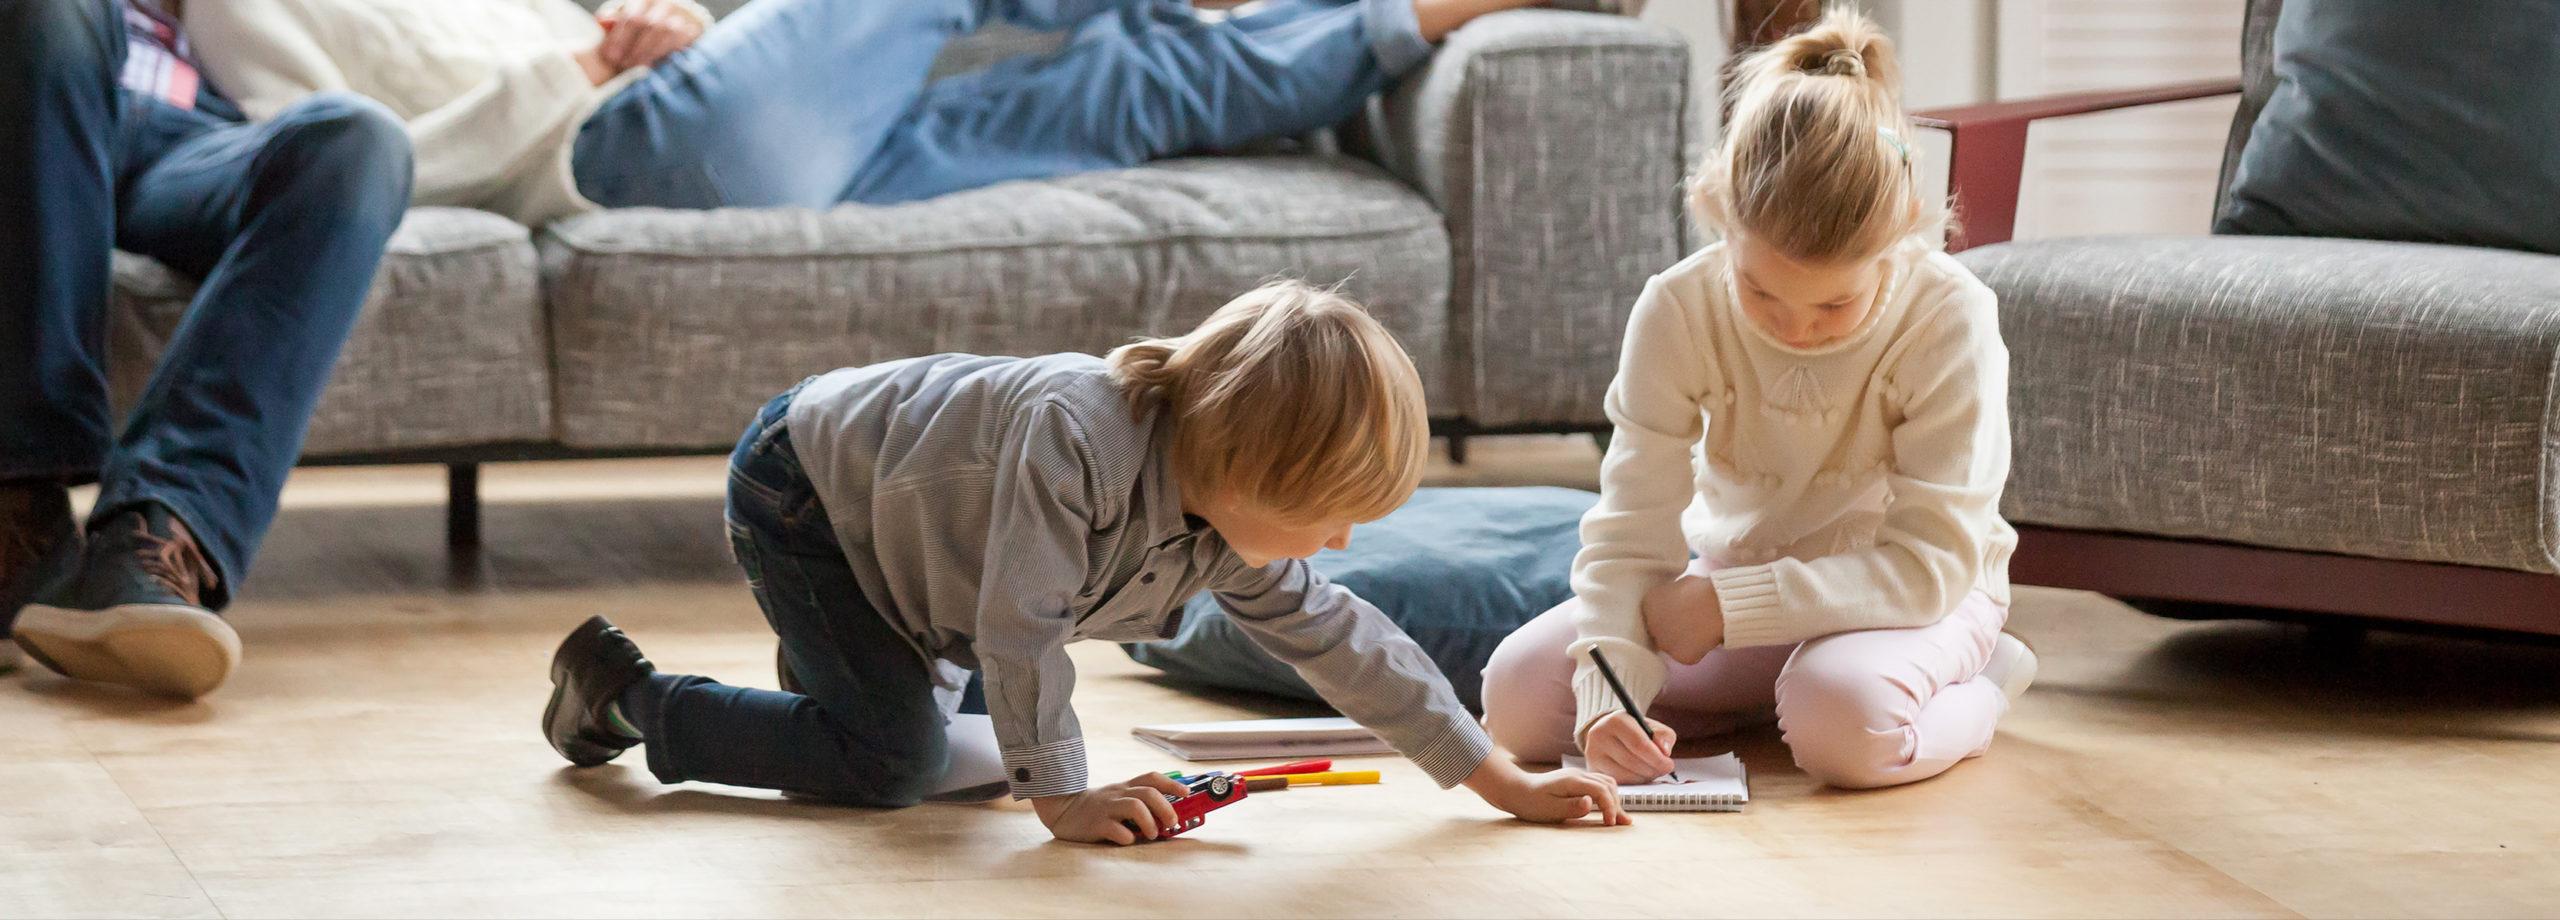 теплый частный дом с детьми